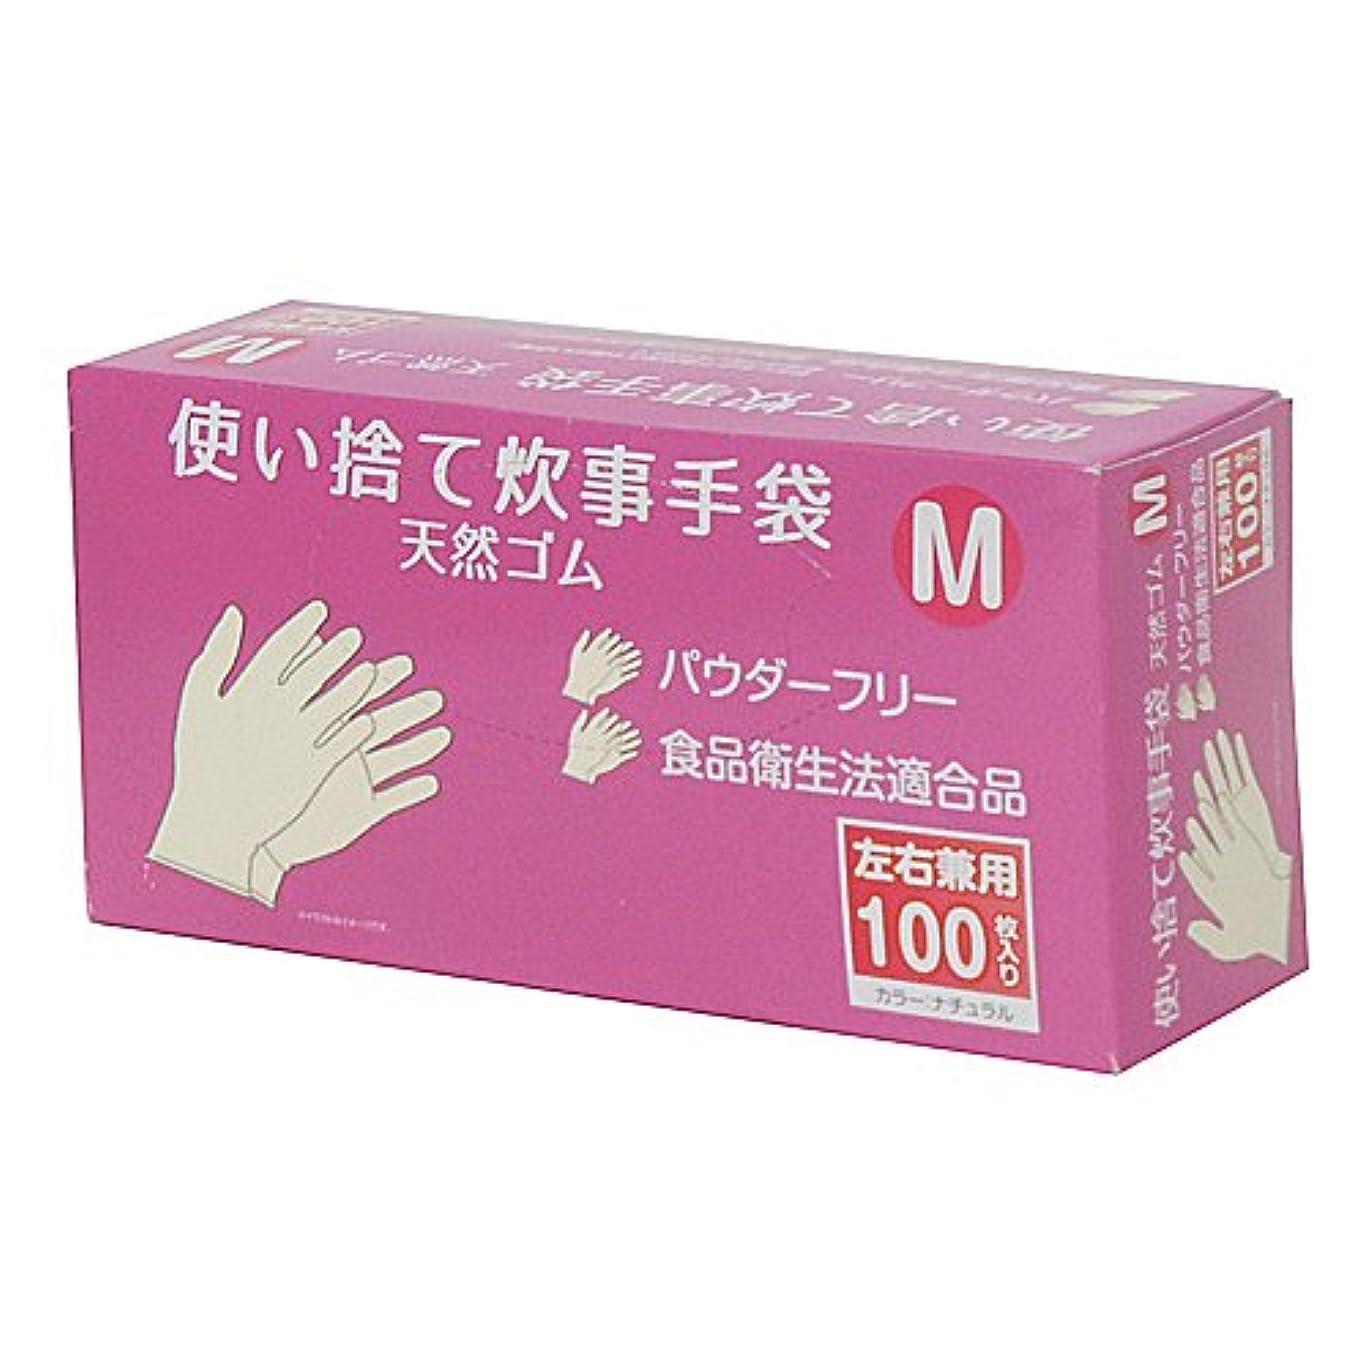 医薬揮発性徹底的にコーナンオリジナル 使い捨て 炊事手袋 天然ゴム 100枚入り M KFY05-1128